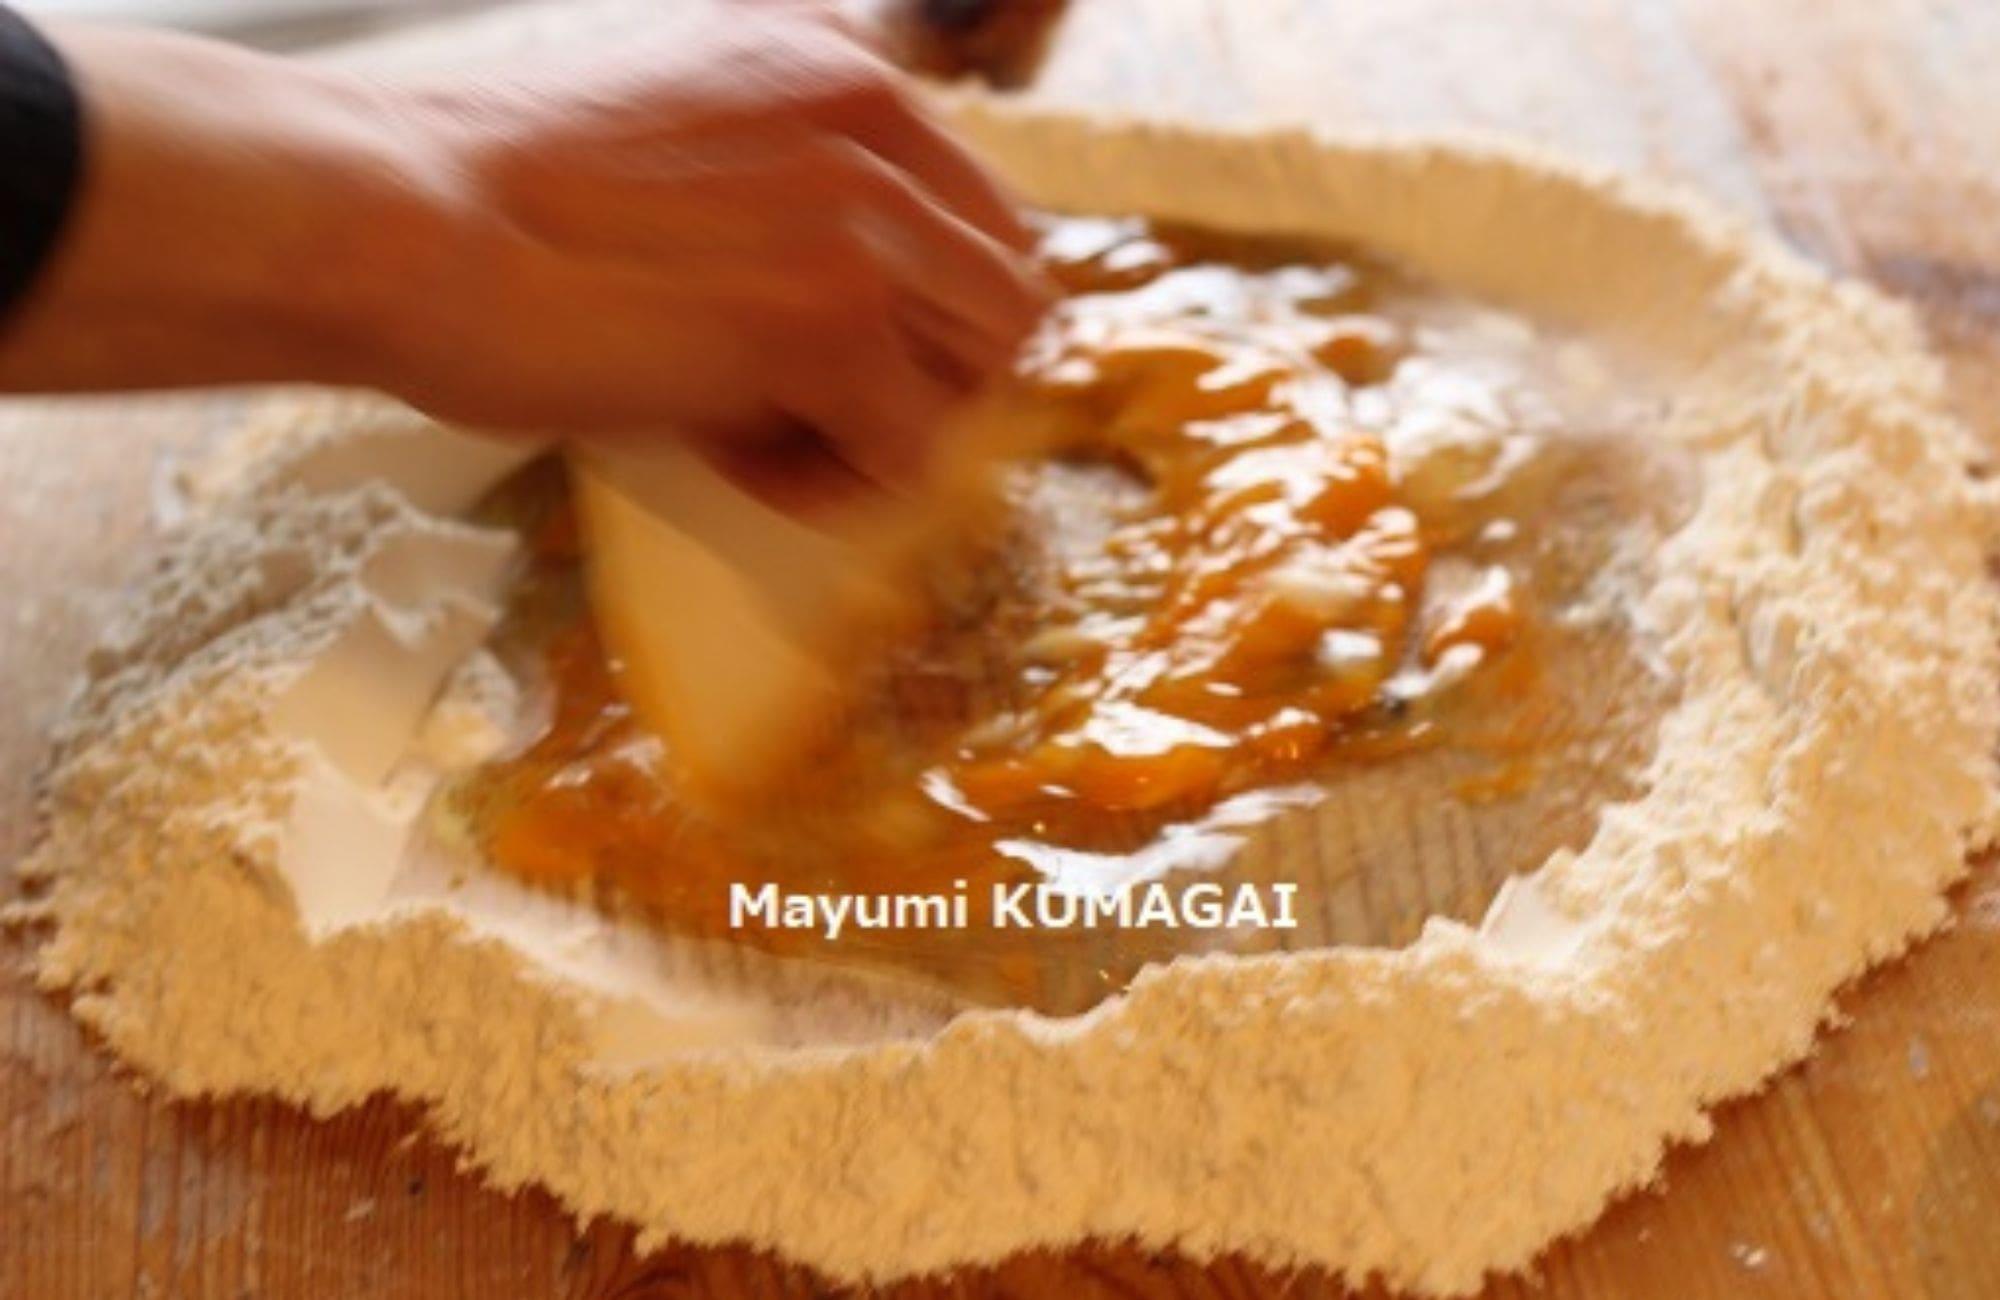 熊谷真由美の料理教室ラクレムデクレム